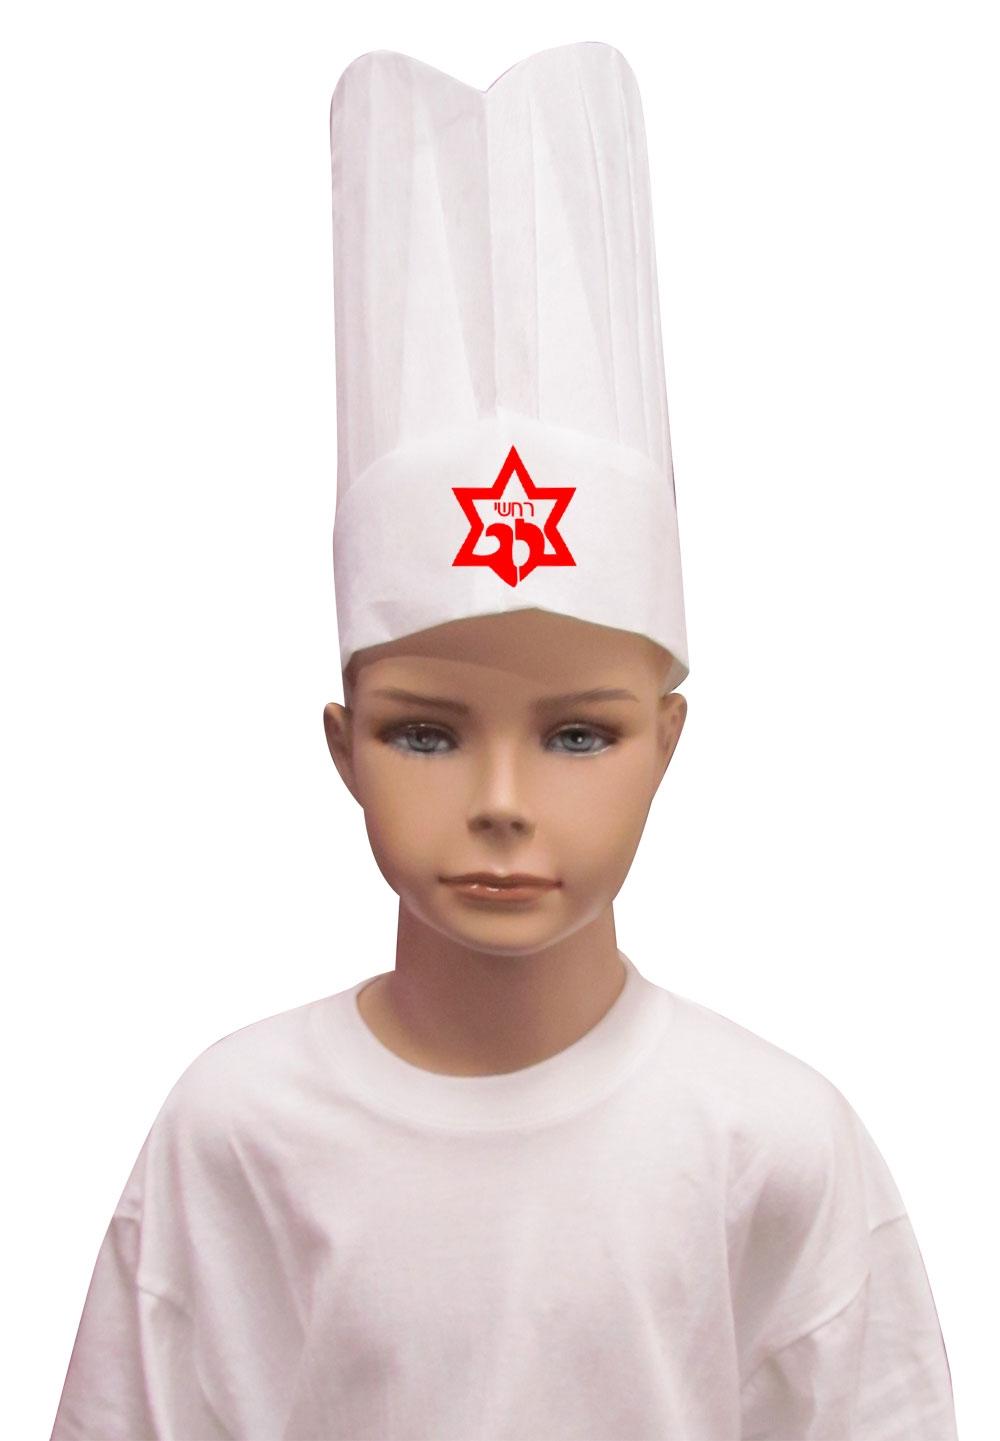 כובע שף לילדים | כובע טבח